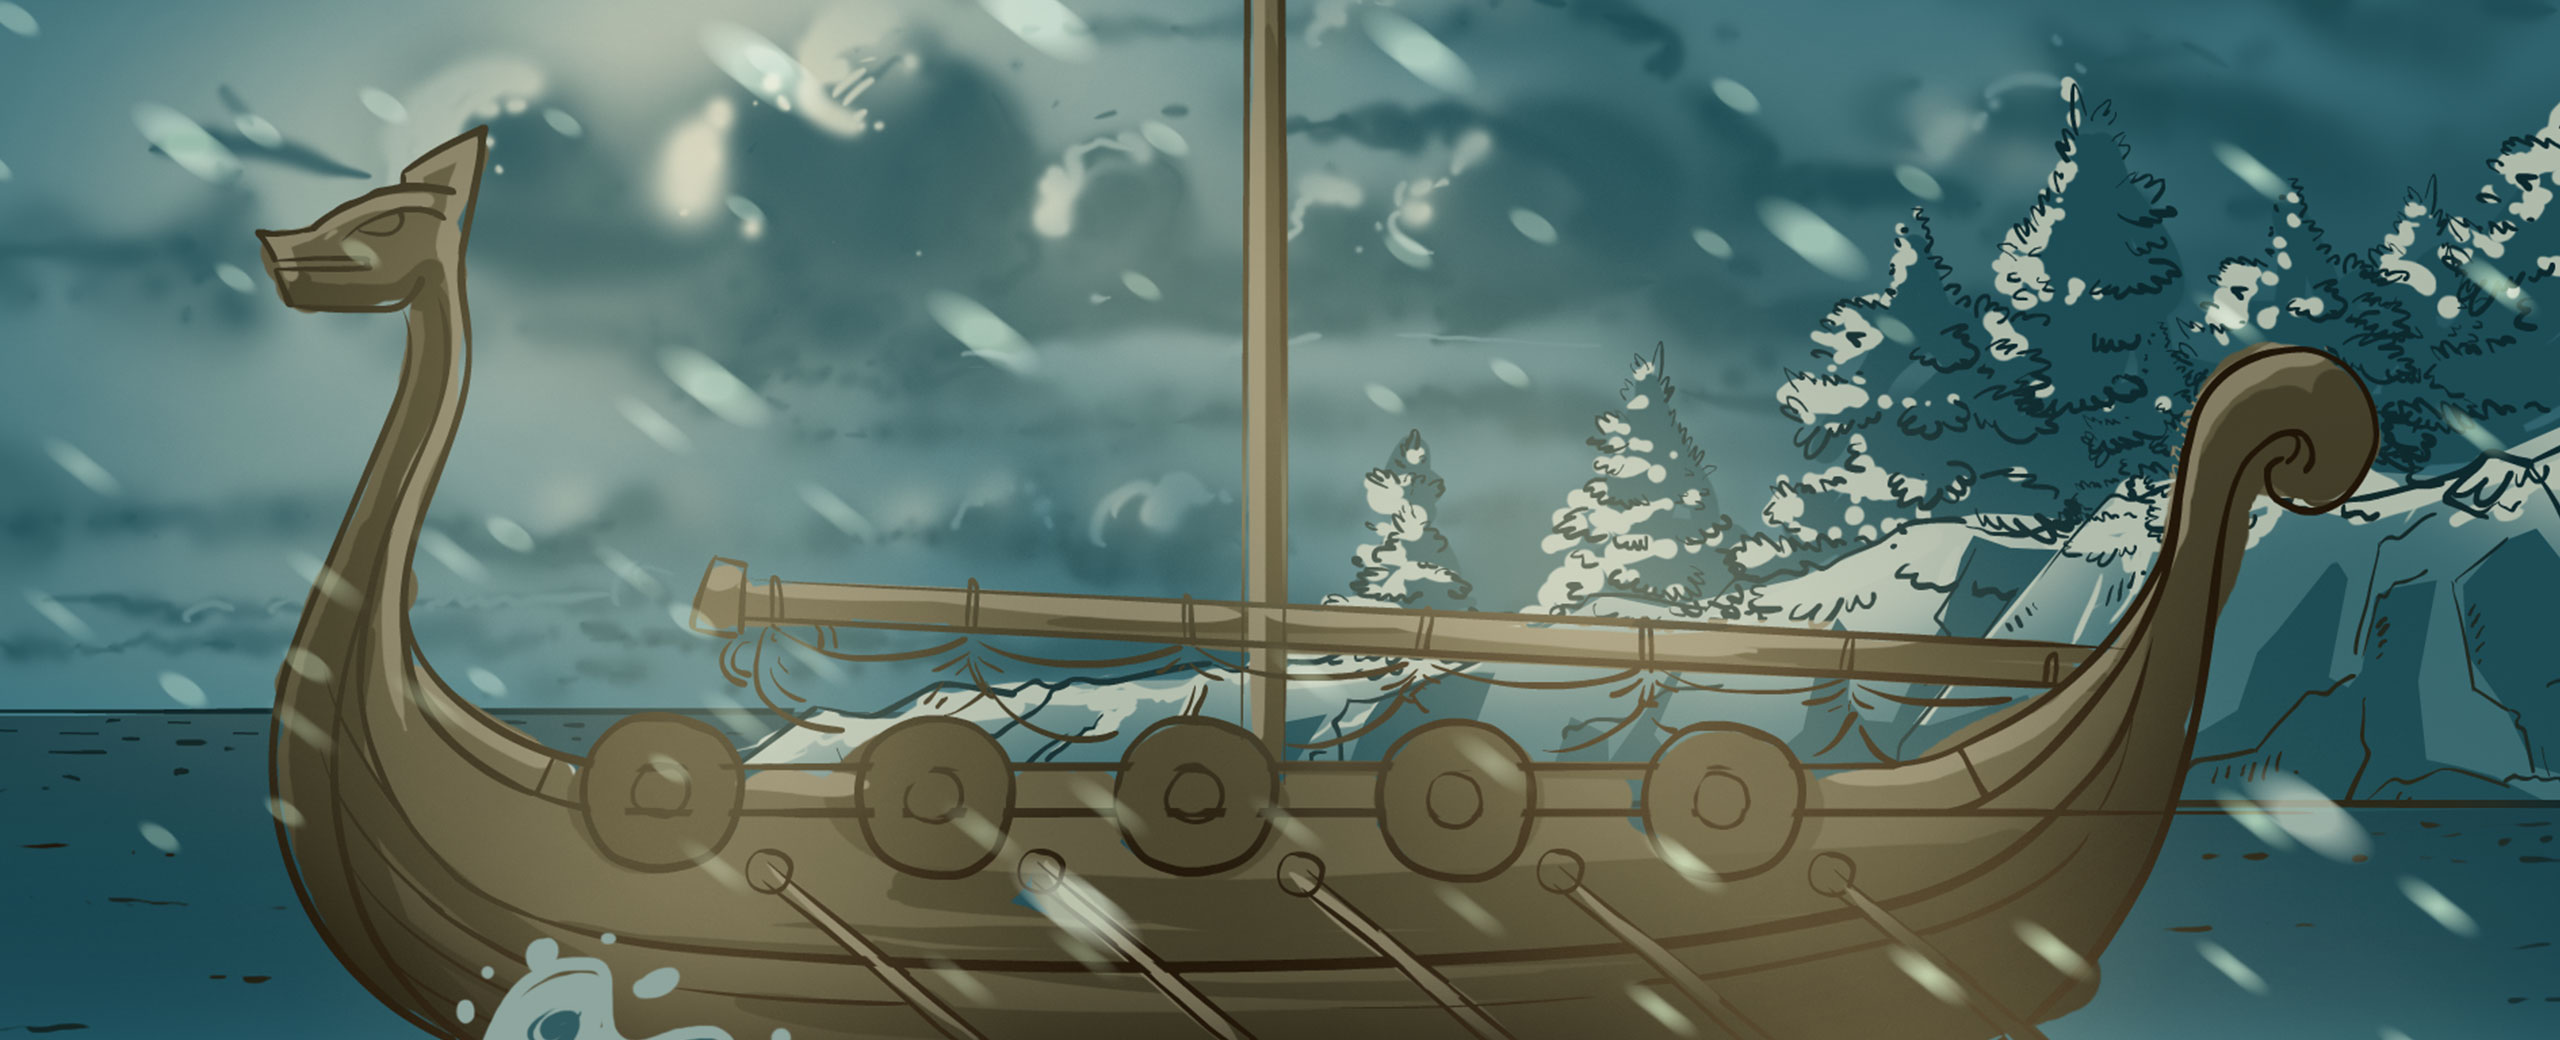 Titelbild Groenland Wikinger - altes Piratenschiff auf dem Meer bei Regen